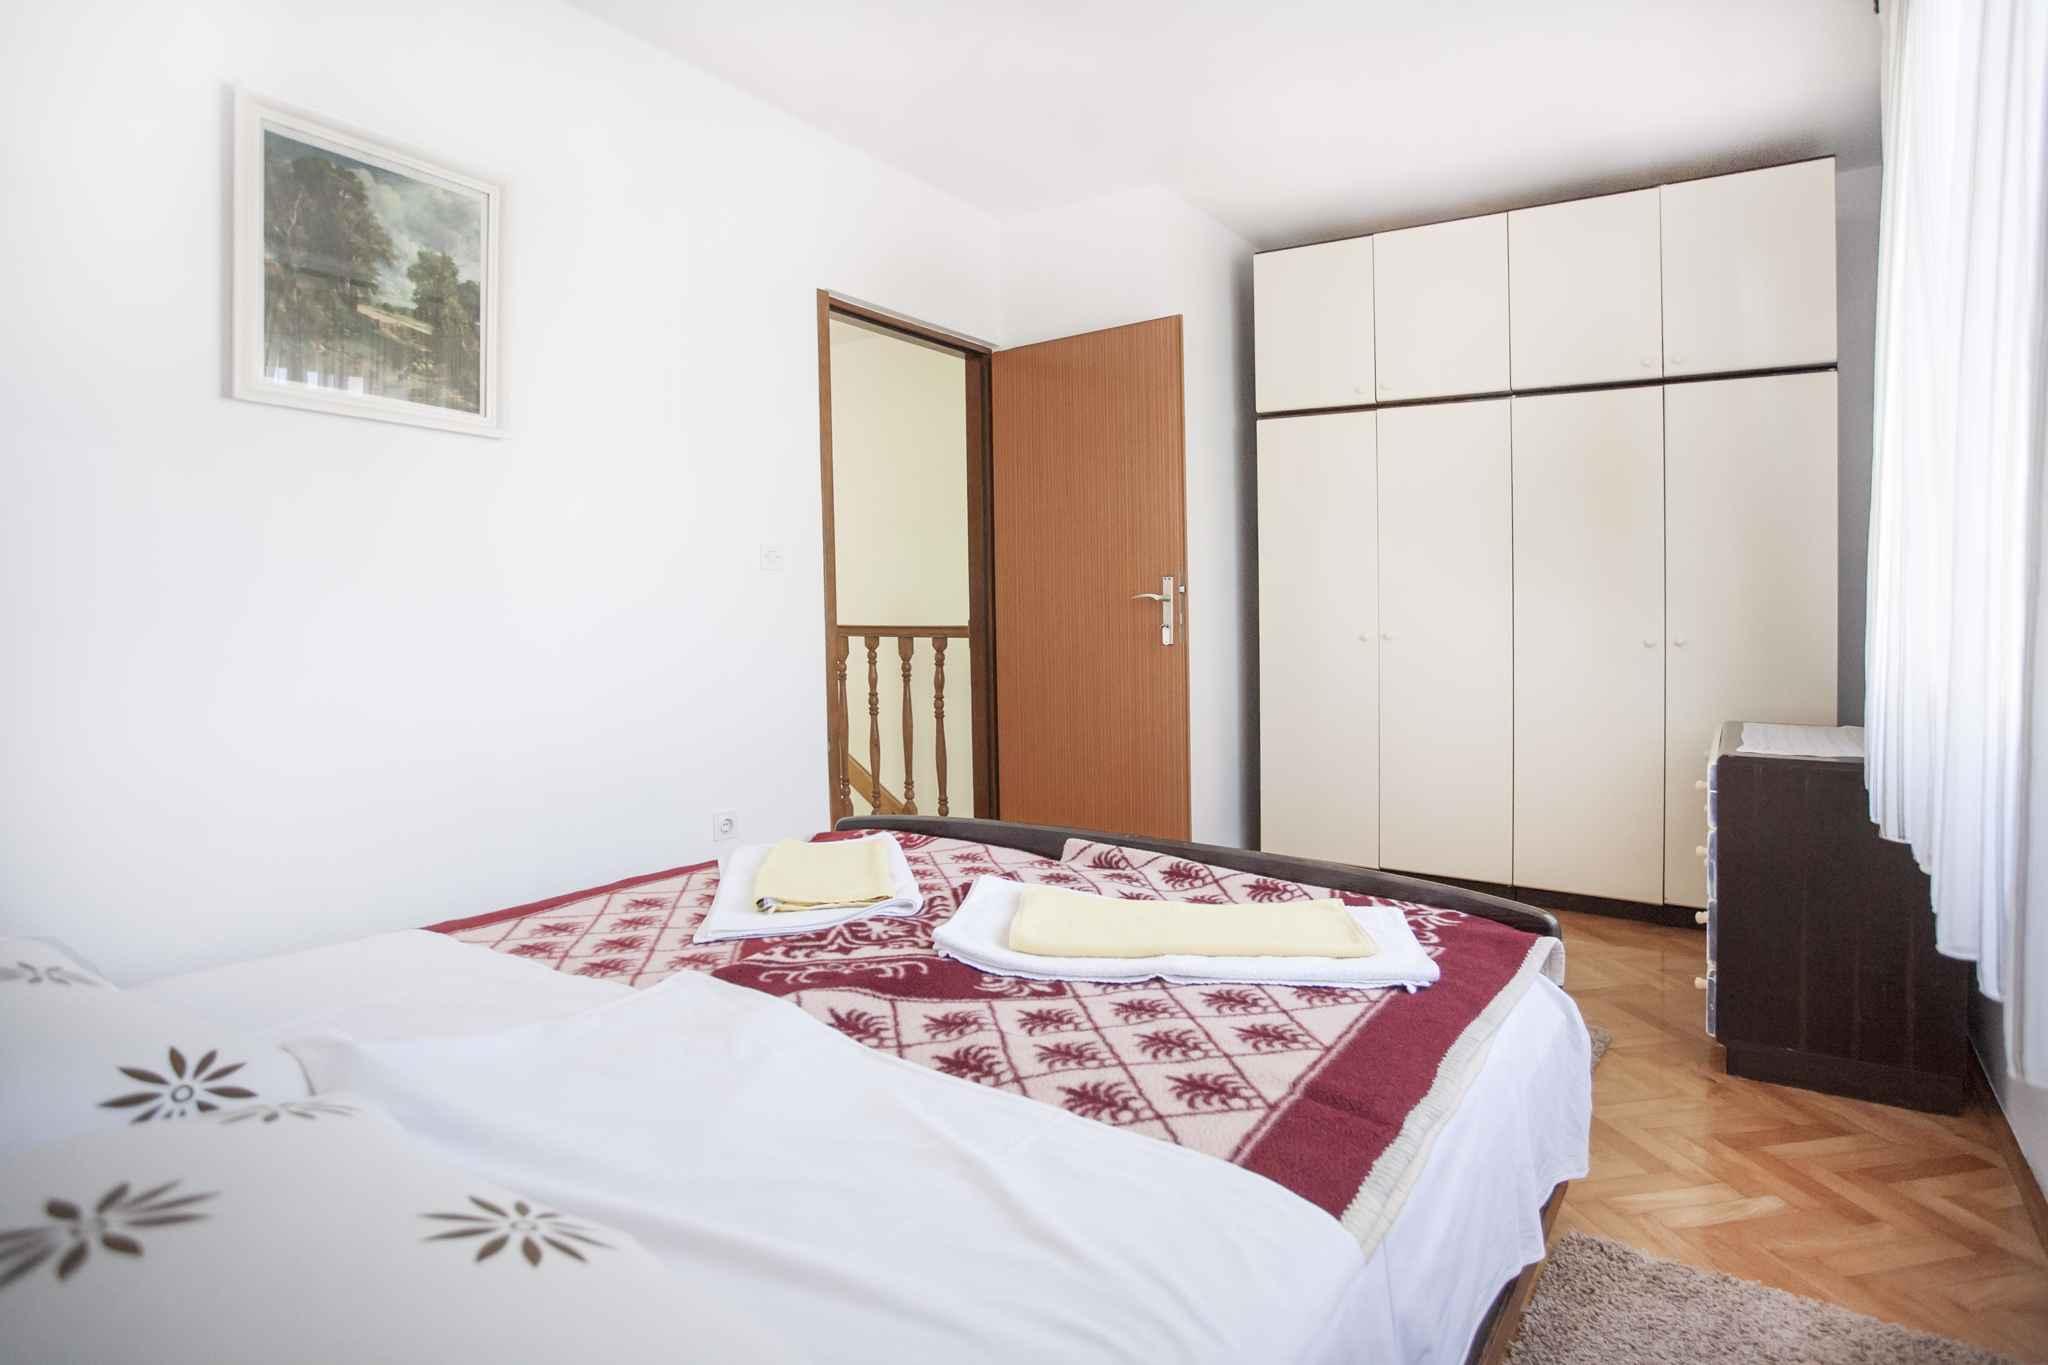 Ferienwohnung u centru (280994), Rovinj, , Istrien, Kroatien, Bild 20